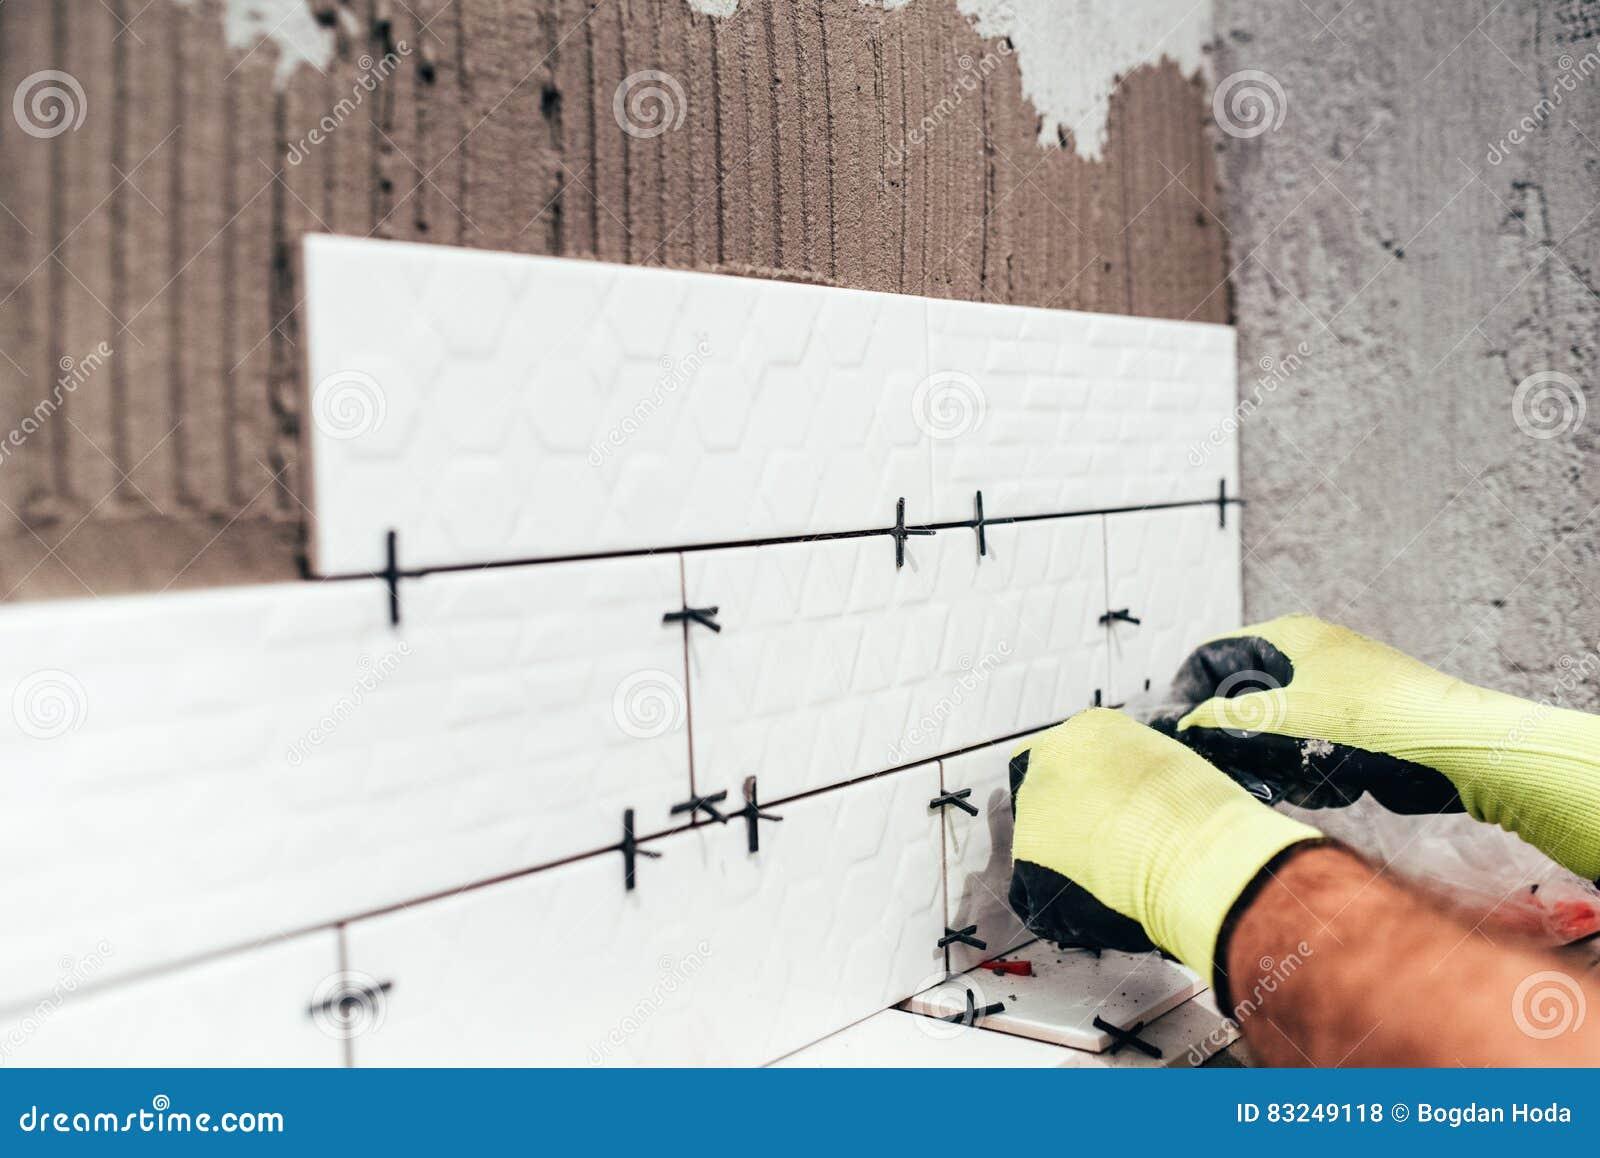 Renovation In Progress. Industrial Worker Installing Bathroom Tiles ...